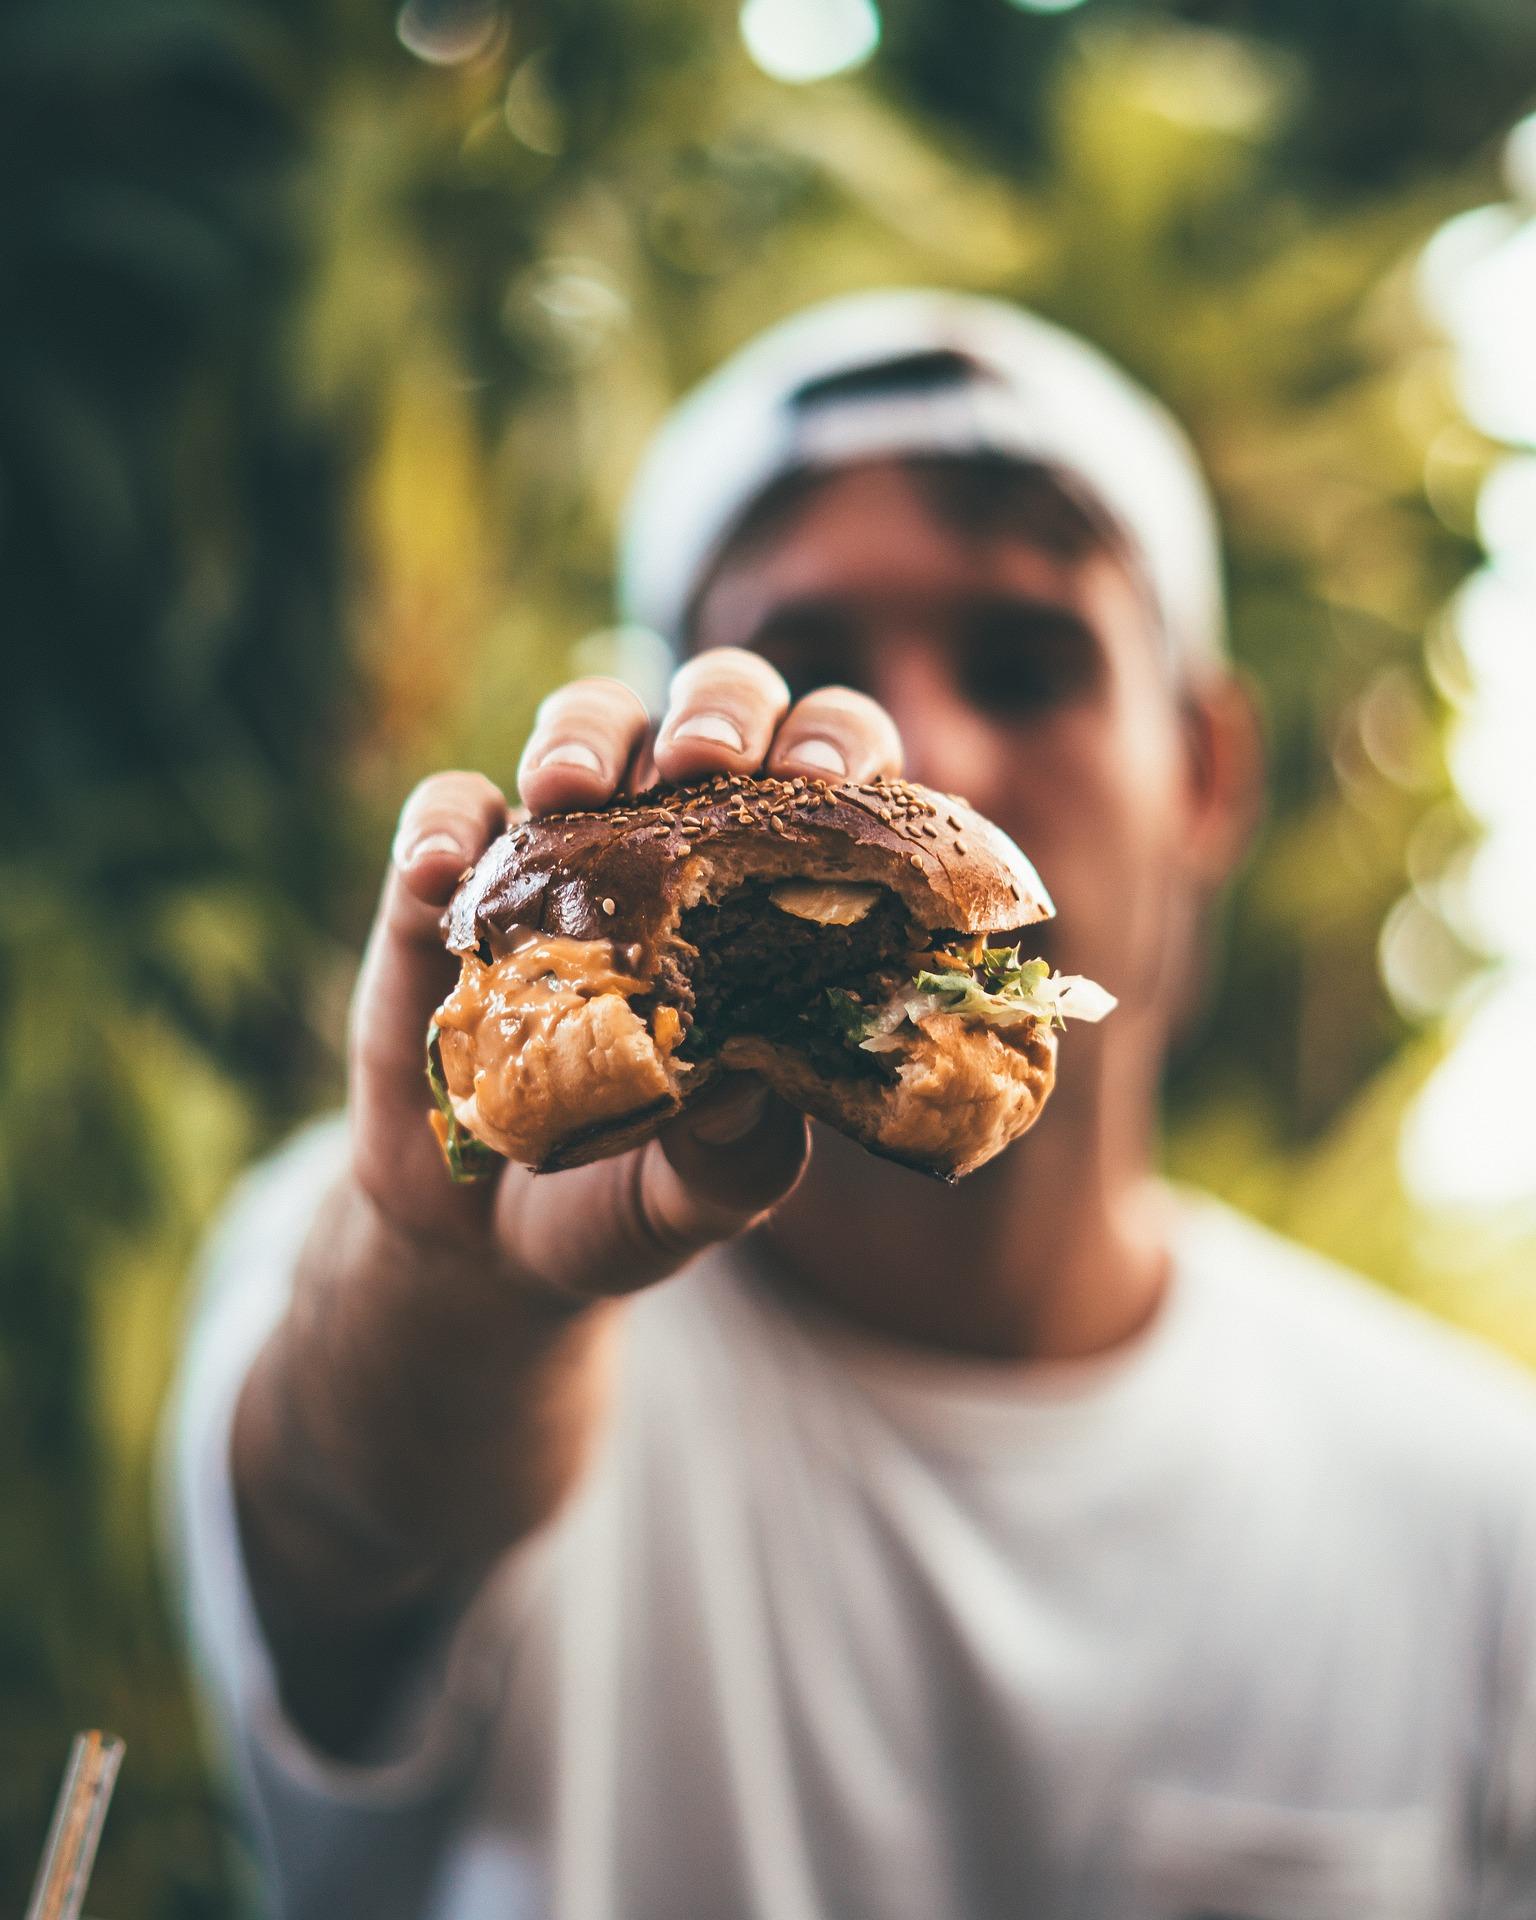 Même si vous souhaitez perdre du poids, ne refusez pas un burger